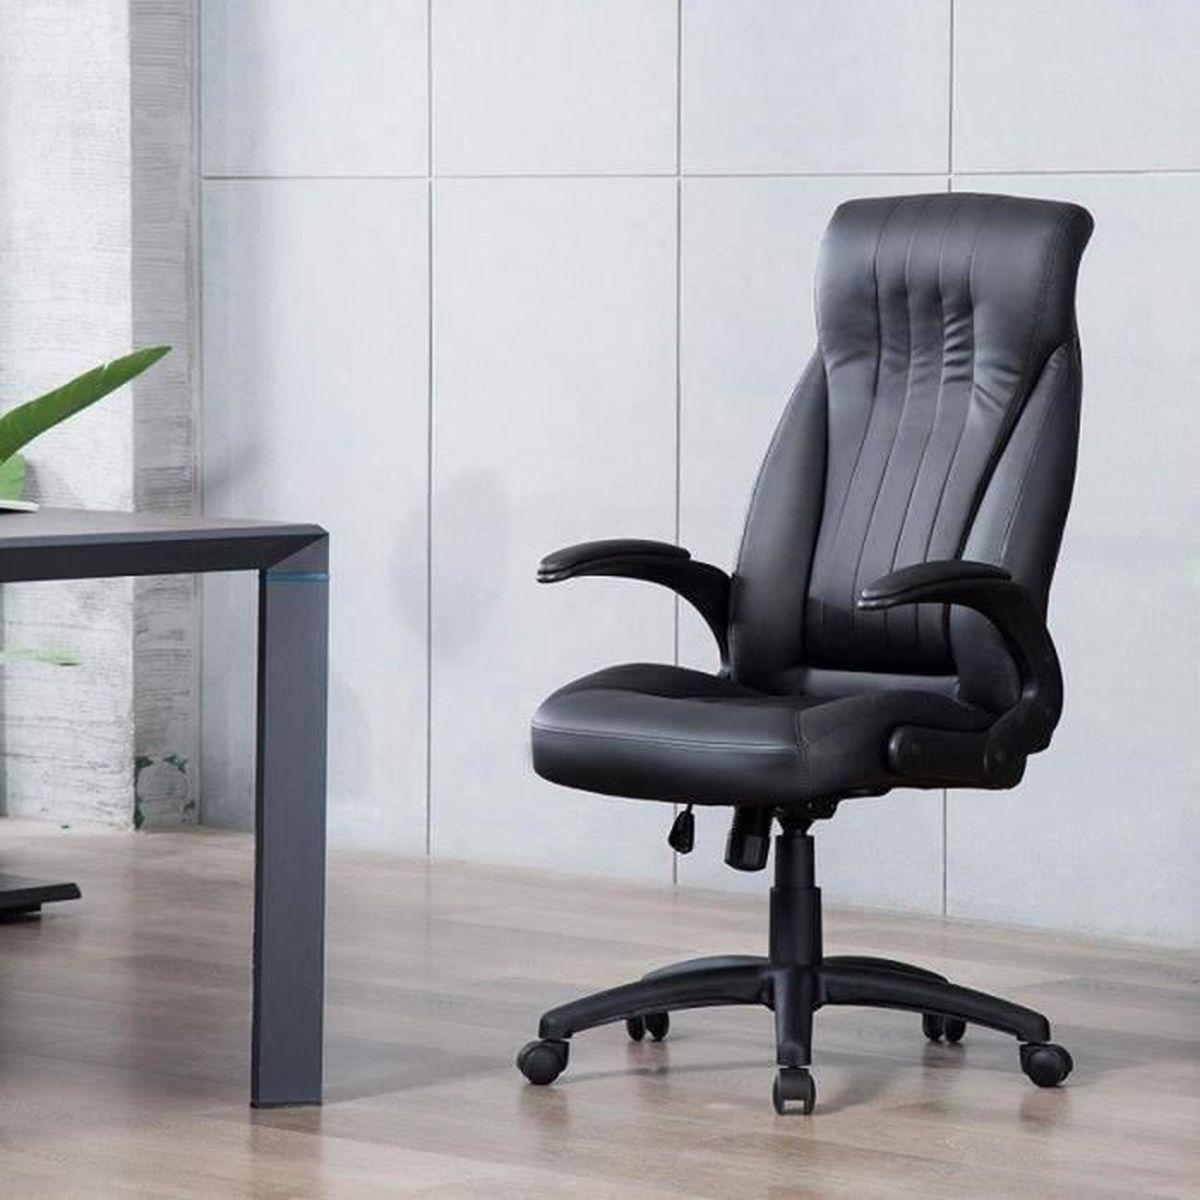 Fauteuil Simili Bureau Cuir De Siège Iwmh Office Confortable Ergonomique Chaise Exécutif Noir lJKTF1c